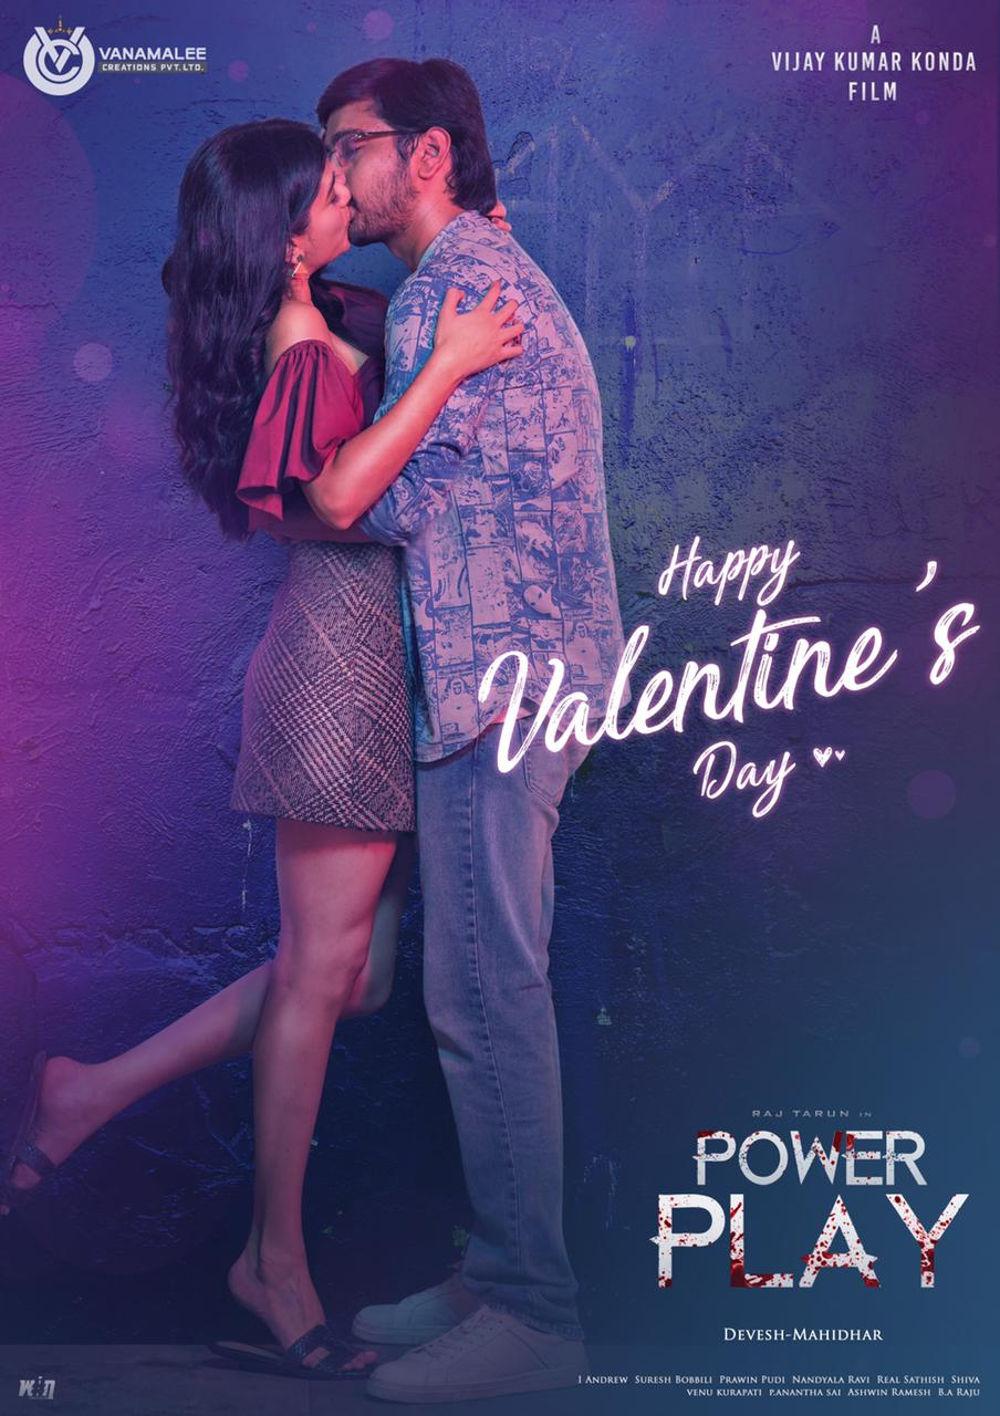 Raj Tarun Konda Vijaykumar Power Play Movie Releasing On March 5th